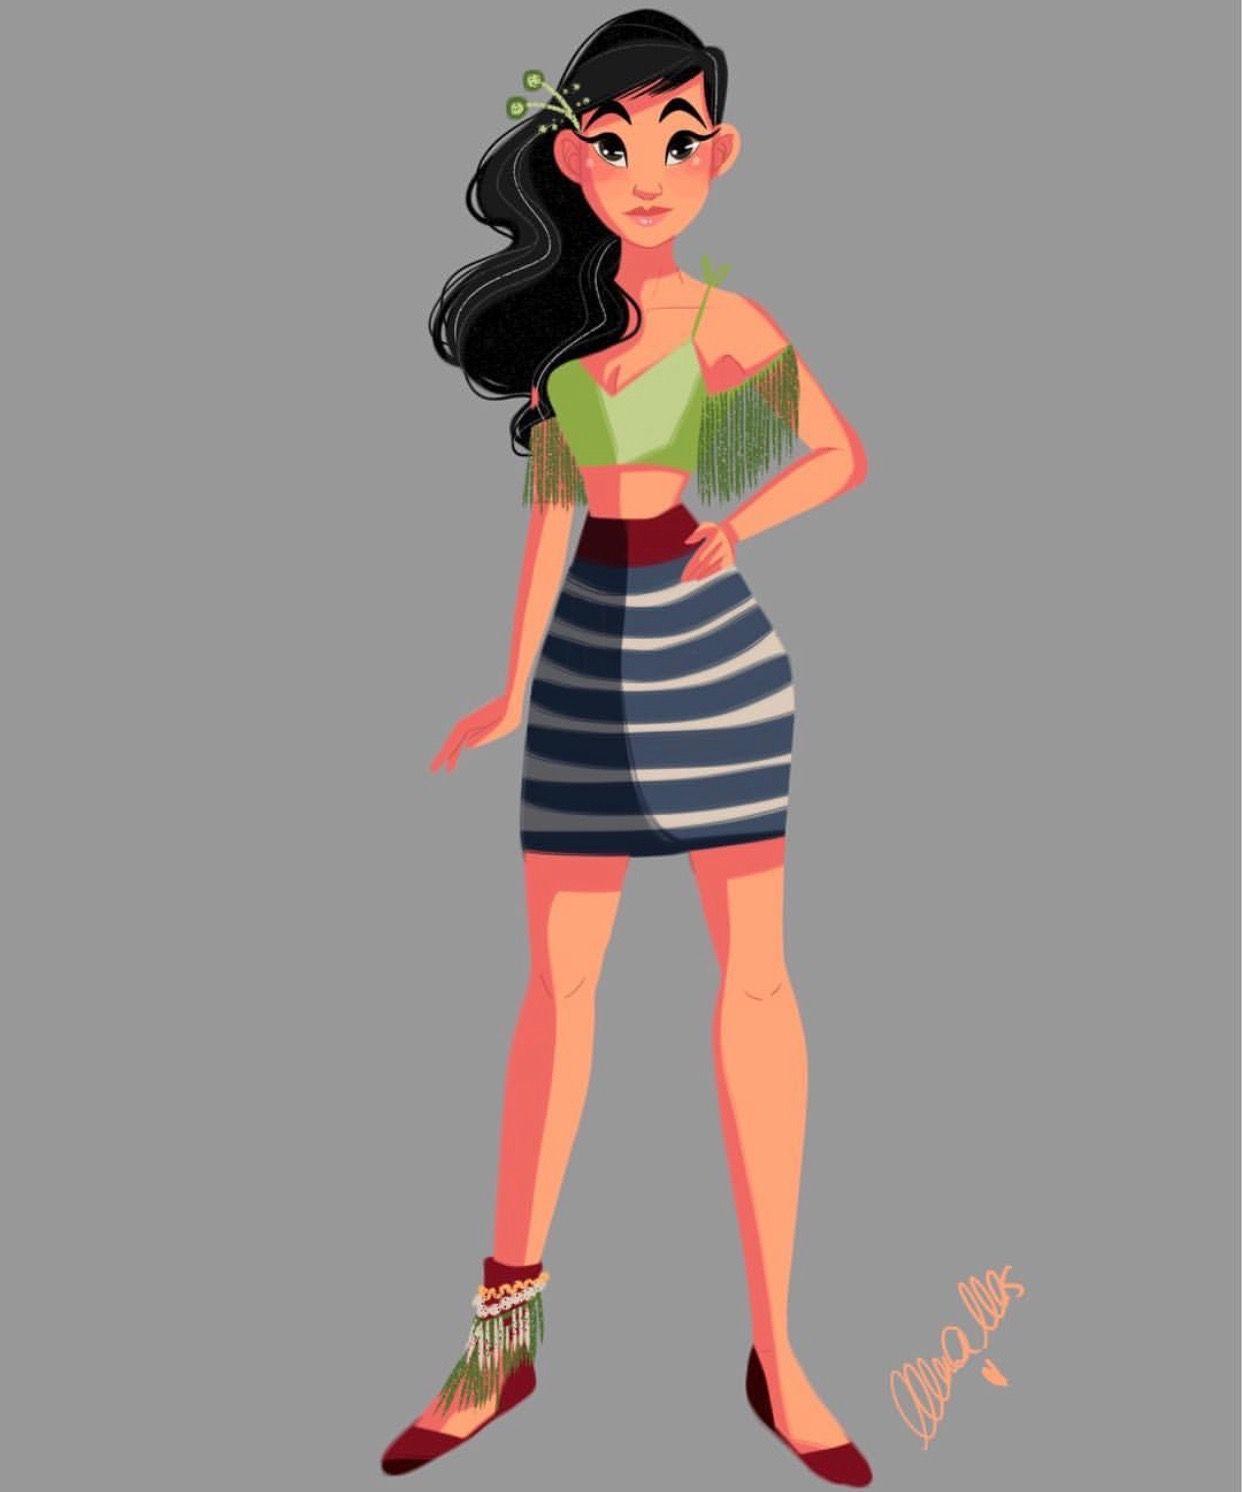 Nerea Mas Disney Modern Mulan Disney Princess Pregnant Disney Princess Fashion Disney Art